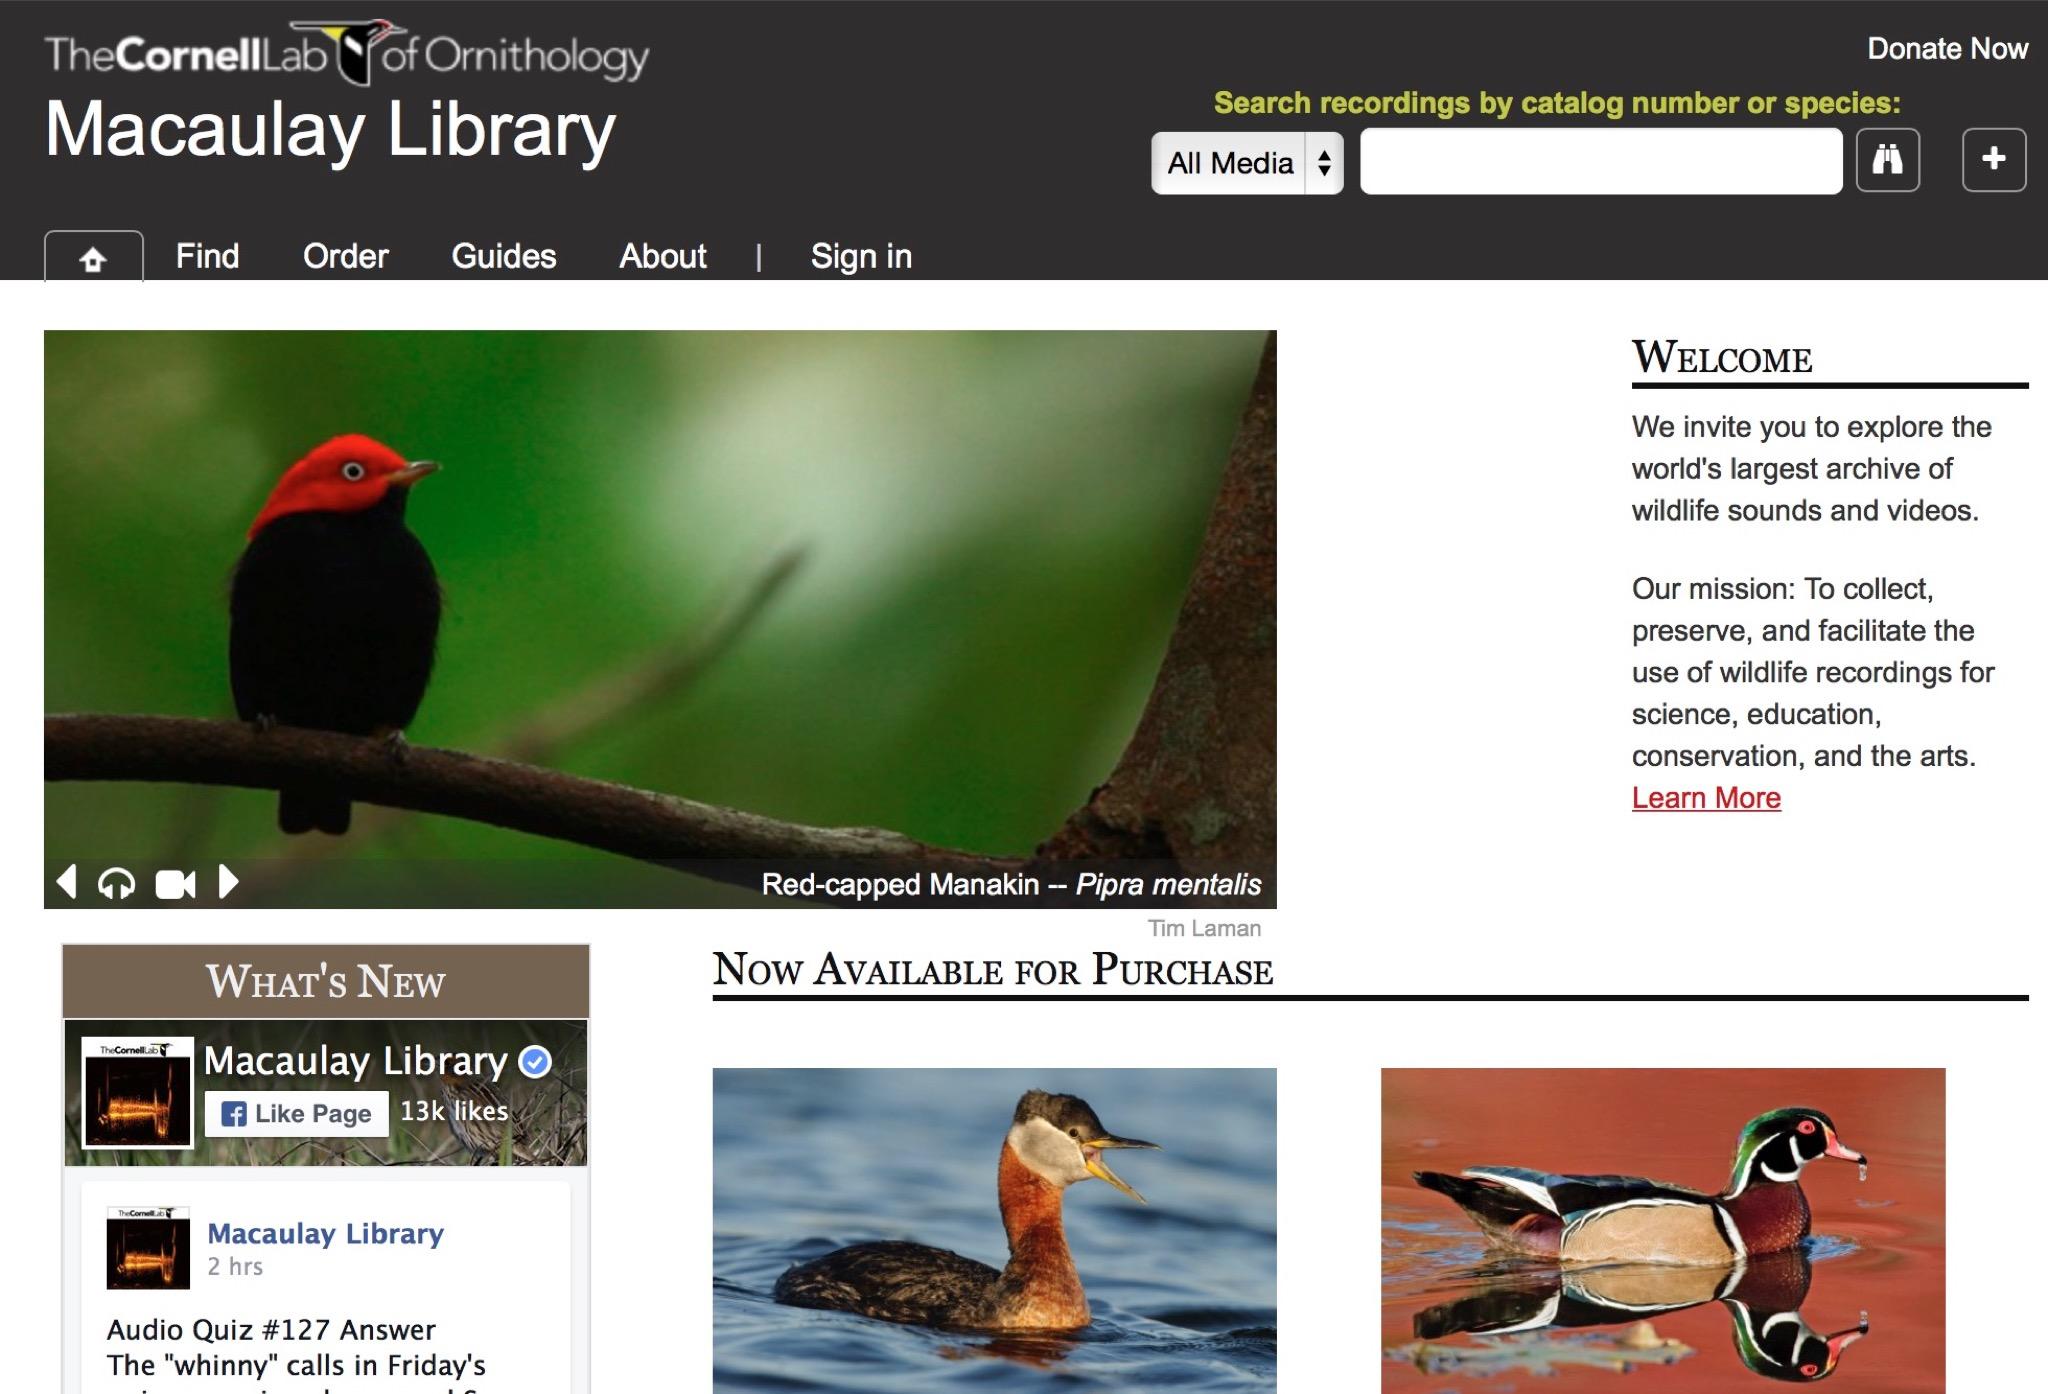 鳥、クジラ、象、カエル、霊長類などの鳴き声が楽しめるサウンド・アーカイブ